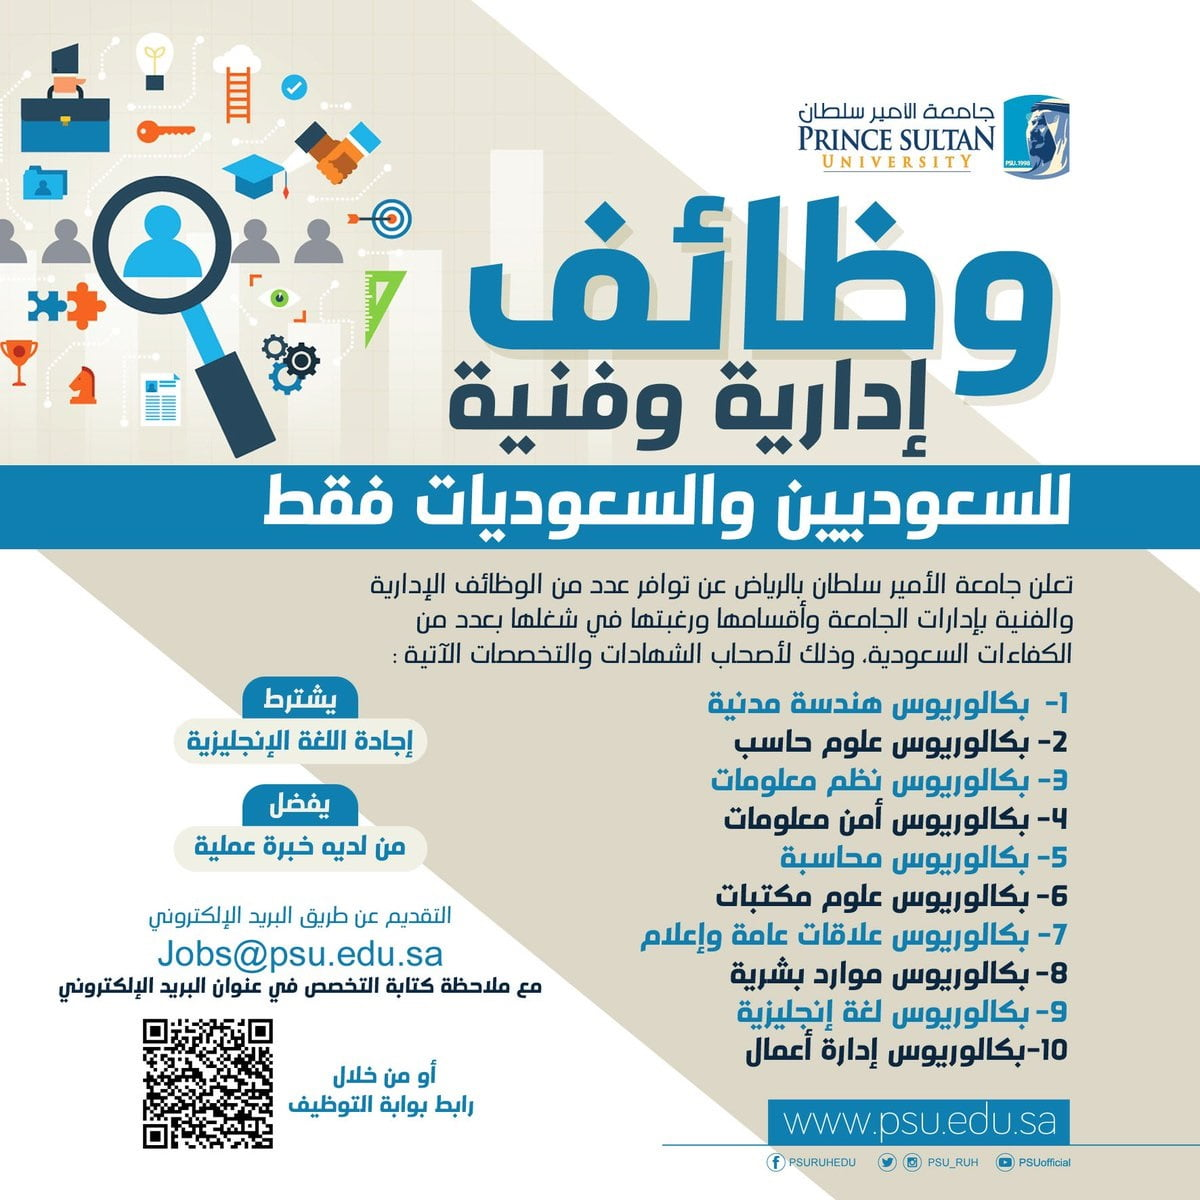 وظائف إدارية وفنية بإدارات الجامعة وأقسامها لدى جامعة الأمير سلطان بالرياض 3